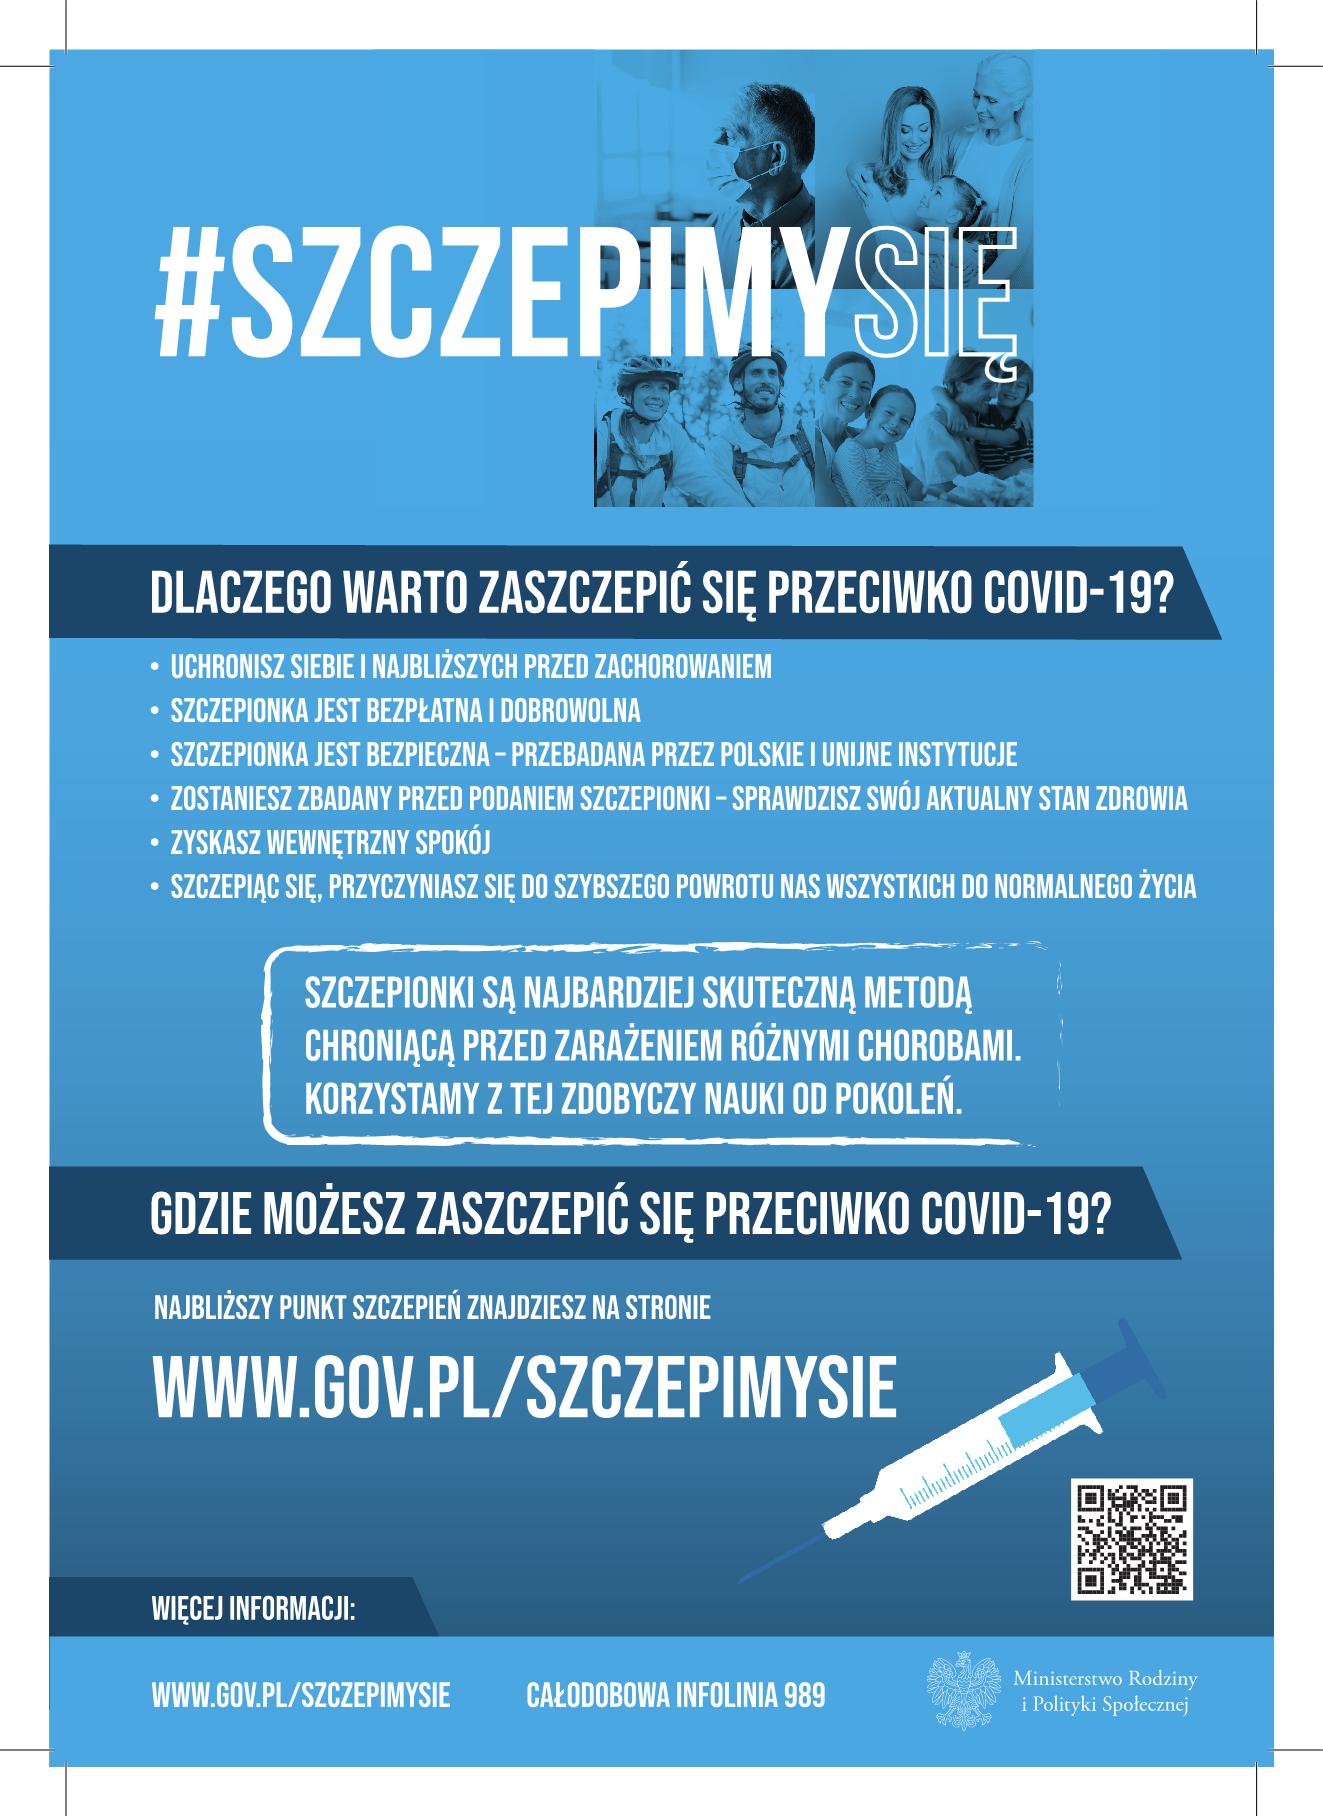 Plakat akcji promocyjnej #szczepimysię w ramach Narodowego Programu Szczepień